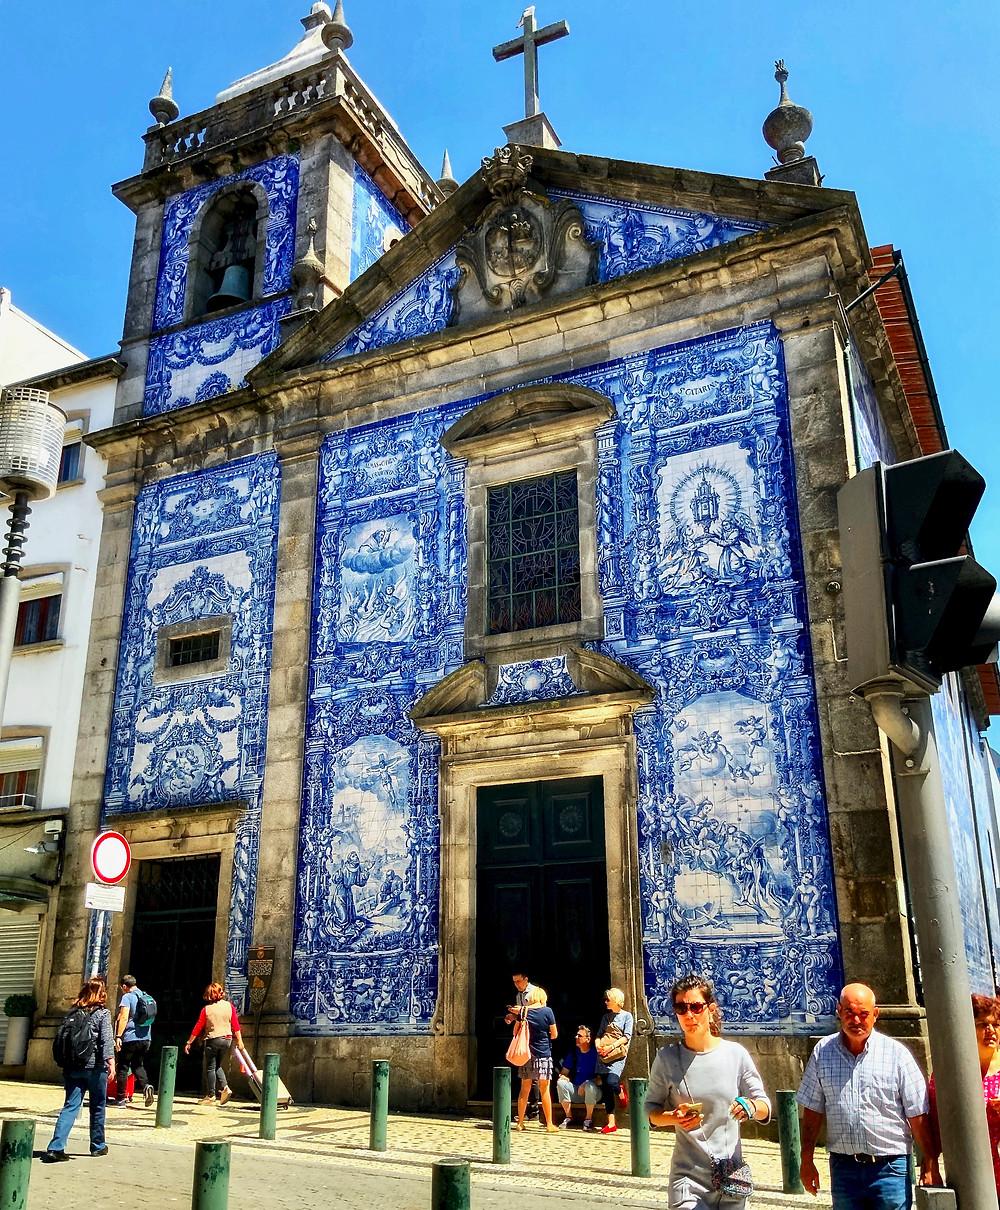 Capela das Almas on the Rua Santa Caterina in Porto